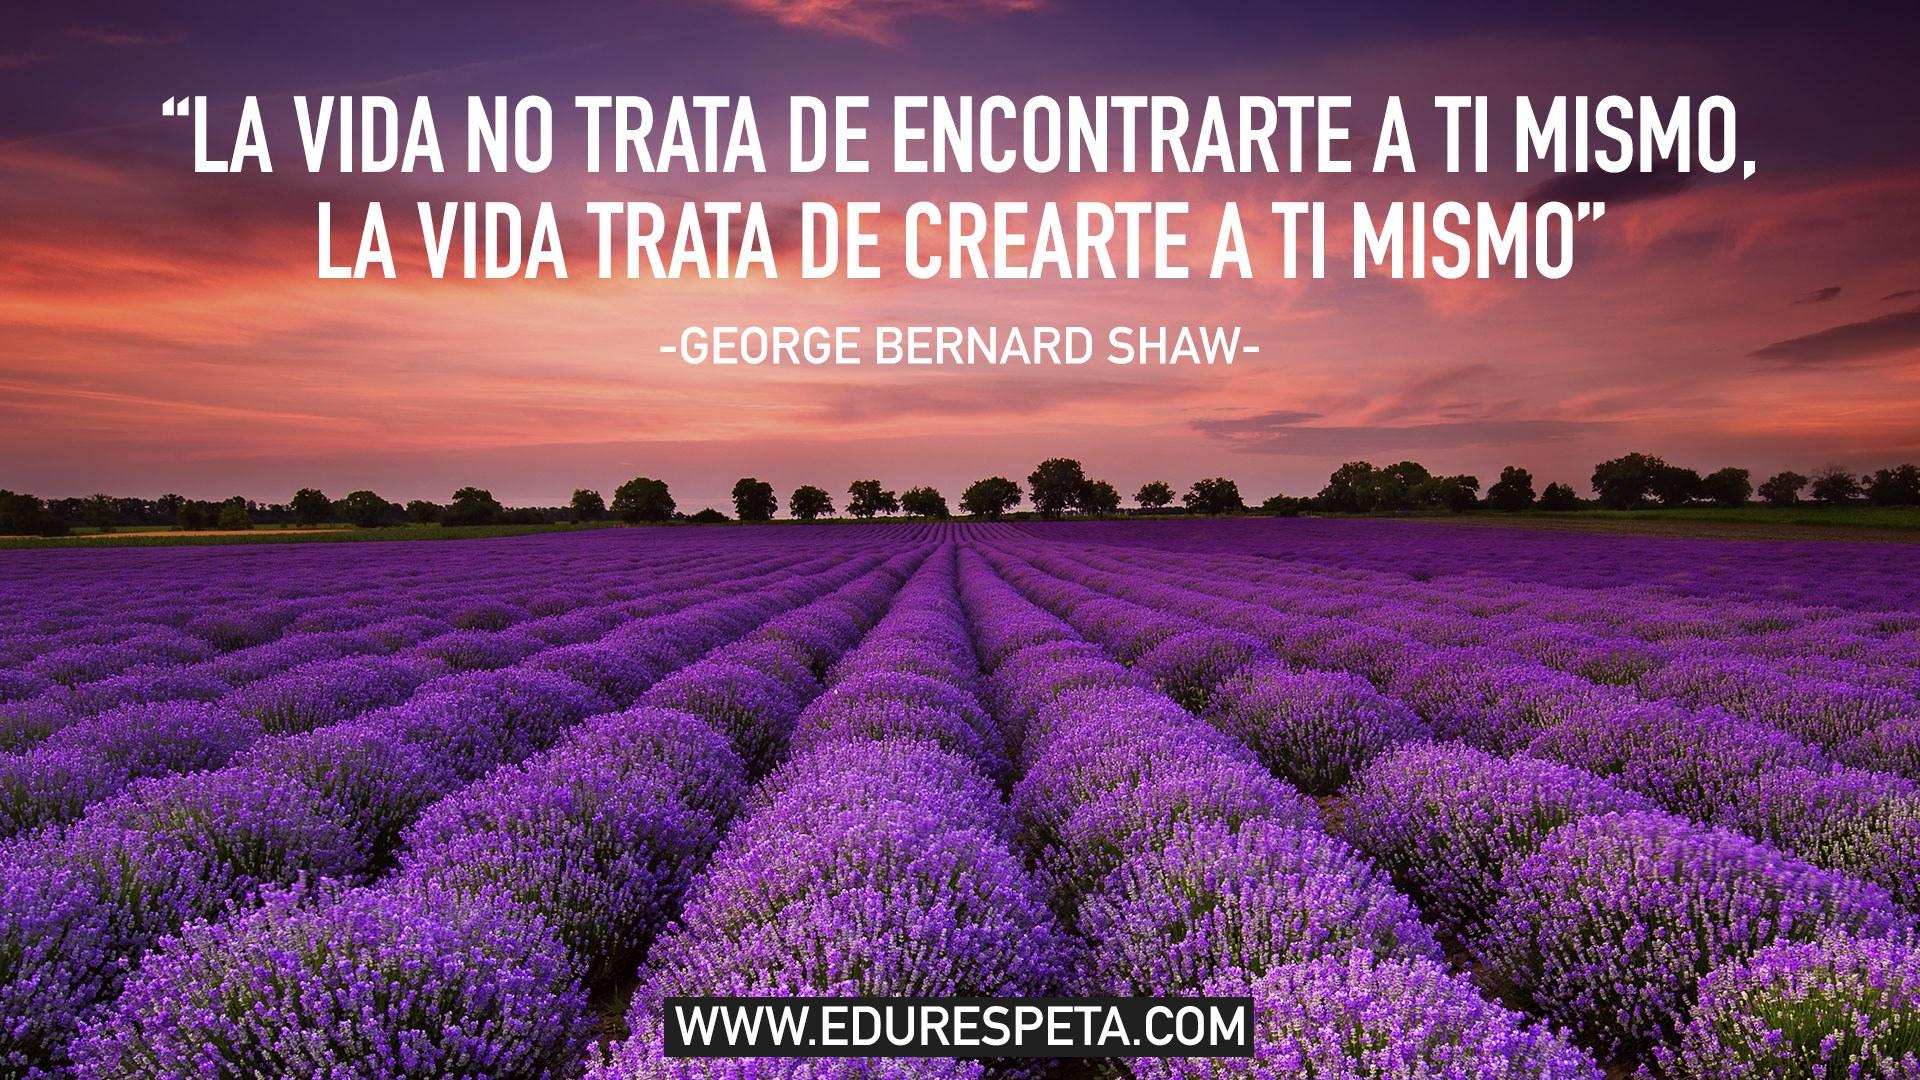 La vida no trata de encontrarte a ti mismo, la vida trata de crearte a ti mismo